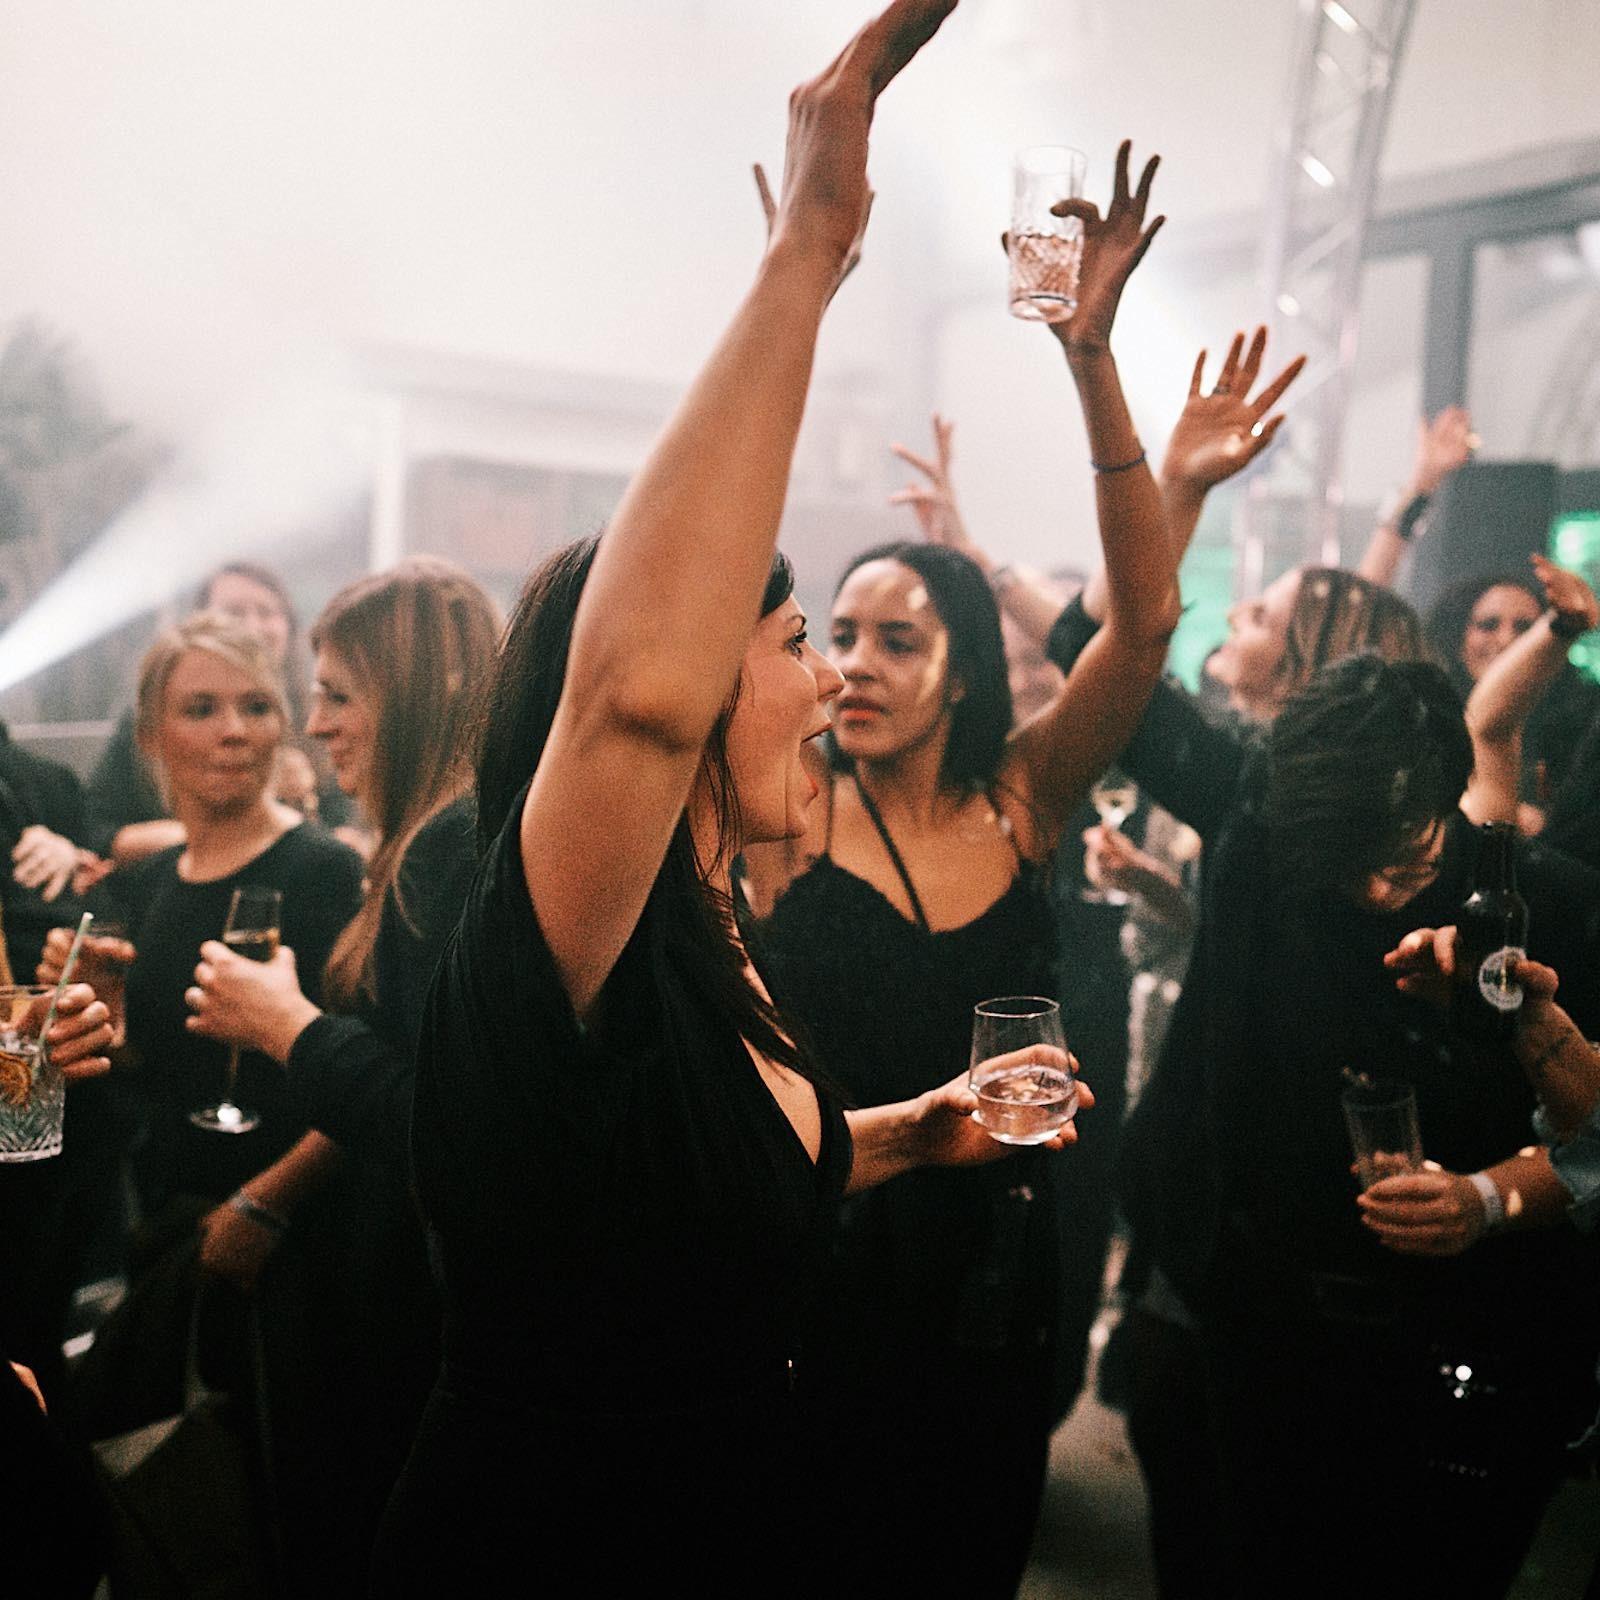 DJANE | DJ | Hannover | Saxophonist | Moderation | Party | Gesang | Saxophon | DJ | Plus | Combo | Percussion | Schlagzeug | Sängering | Buchen | Mieten | Anfragen | Hochzeit | Messeparty | Event | Gala | Charity | Glitzerplatte